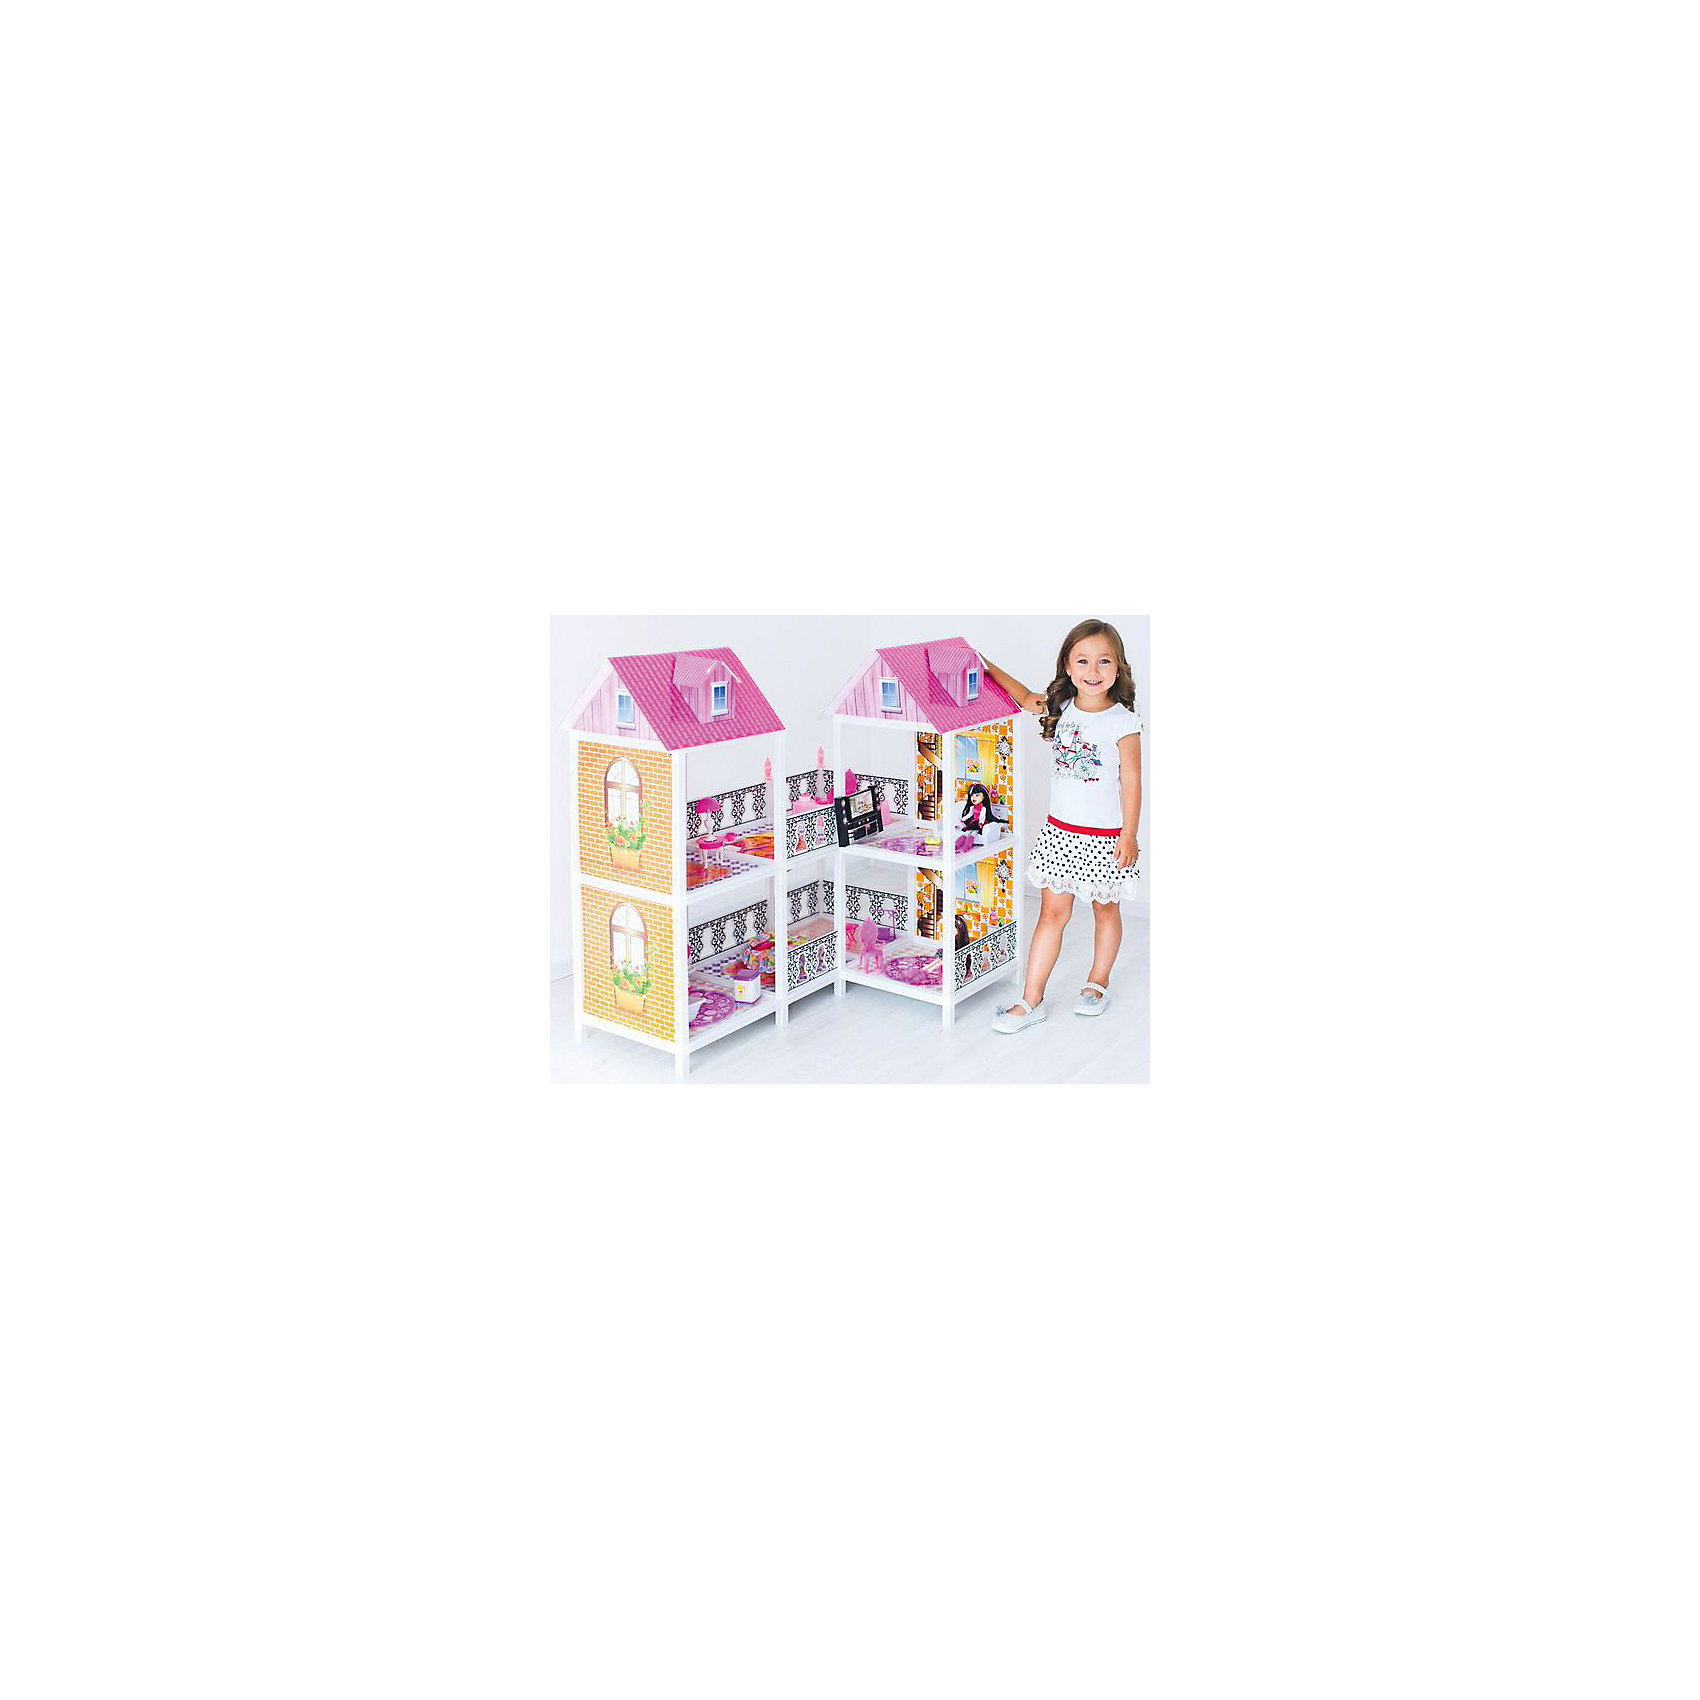 2-этажный кукольный дом (угловой, 4 комнаты, мебель, 2 куклы), PAREMOИгрушечные домики и замки<br>2-этажный кукольный дом (угловой, 4 комнаты, мебель, 2 куклы), PAREMO (Паремо).<br><br>Характеристики:<br><br>? Материал: пластик, картон, текстиль.<br>? Домик имеет открытую конструкцию<br>? 2 этажа, 4 комнаты, открытый балкон.<br>? Цвет: розовый, белый.<br>? Подходит для кукол высотой до 30 см. (Так называемый, Барби-формат).<br>? Конструкция продается в разобранном виде. Инструкция по сборке входит в комплект.<br>? Размер игрушки в собранном виде - 103х14х36 см.<br>? Размер упаковки - 83х44х12 см.<br>? Вес 12 кг. <br><br>В комплекте:<br><br>• 20 предметов мебели: диван, тумба под телевизор, телевизор, домашний кинотеатр, большой обеденный стол, 3 стула, круглая кровать, стол для торшера, торшер, кресло – качалка, унитаз, ванна, стиральная машина, раковина с зеркалом, ведро, уборочная тележка, гладильная доска, утюг.<br>• 2 куклы с аксессуарами.<br><br>2-этажный кукольный дом (угловой, 4 комнаты, мебель, 2 куклы), PAREMO (Паремо) –это игрушка- мечта от российского производителя. Очаровательный дом предназначен для сюжетно-ролевых игр («Семья», «Дочки- матери» и т. п.) Домик выполнен в нежных бело-розовых тонах с ярко- розовой крышей, имитирующей черепичную кладку. Внутренний декор поддерживает цветовое решение. Стены, пол, потолок декорированы под различные типы покрытий- плитка, обои, ковролин. В доме 2 этажа, 4 просторных комнаты. Юная леди, проявив фантазию, самостоятельно может расположить комнаты по своему вкусу. Игры с таким домиком помогают развить в девочке фантазию, творческие способности, поможет ребенку почувствовать себя взрослой и самостоятельной. Материалы, из которых изготовлен домик, полностью соответствуют российским стандартам безопасности. Ваша малышка будет счастлива, получить в подарок славный нарядный домик для своих любимых кукол!<br><br>2-этажный кукольный дом (угловой, 4 комнаты, мебель, 2 куклы), PAREMO, можно купить в нашем интернет – магази